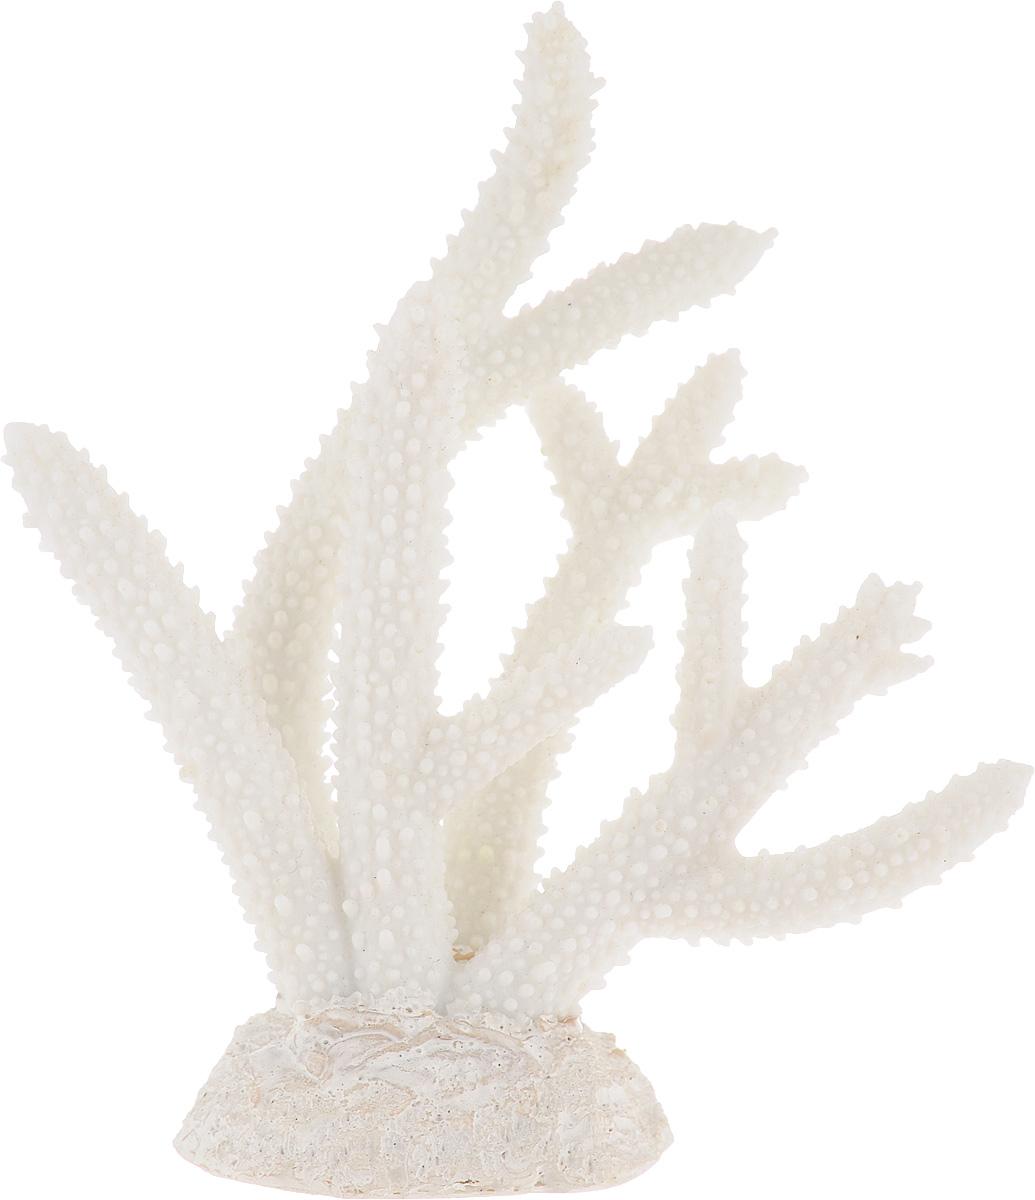 Декорация для аквариума Barbus Коралл, цвет: белый, 14,5 х 4,7 х 15 смDecor 263Декорация для аквариума Barbus Коралл, выполненная из высококачественного нетоксичного полирезина, станет прекрасным украшением вашего аквариума. Изделие отличается реалистичным исполнением с множеством мелких деталей. Декорация абсолютно безопасна, нейтральна к водному балансу, устойчива к истиранию краски, подходит как для пресноводного, так и для морского аквариума. Благодаря декорациям Barbus вы сможете смоделировать потрясающий пейзаж на дне вашего аквариума или террариума.